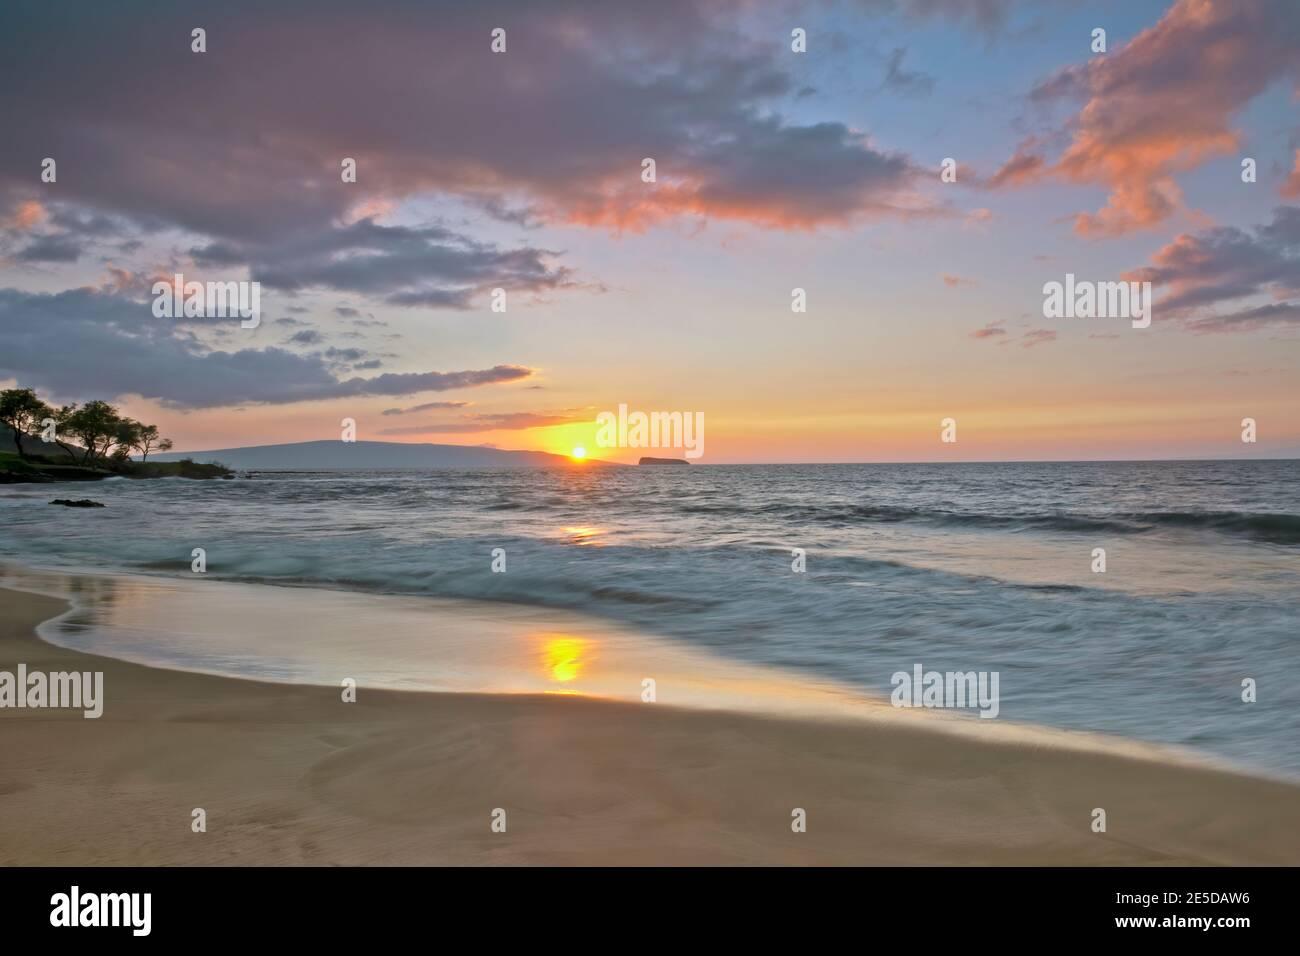 Coucher de soleil derrière les îles de Kahoolawe et Molokini au large de la plage de Makena, sur l'île de Maui à Hawaï. Banque D'Images